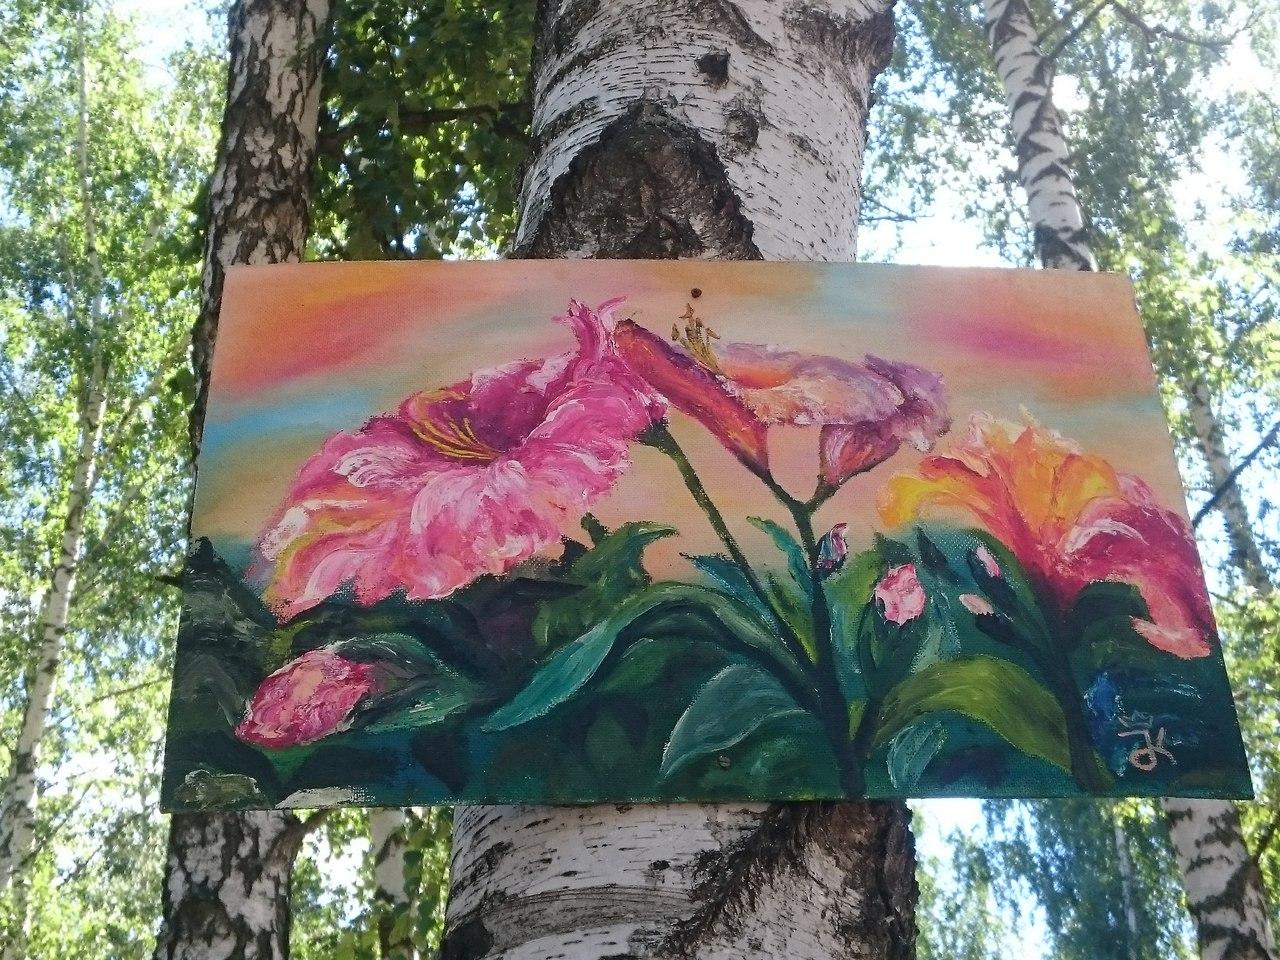 Пользователи соцсетей обсуждают поступок неизвестного художника, развешивающего свои картины на юго-западе Воронежа